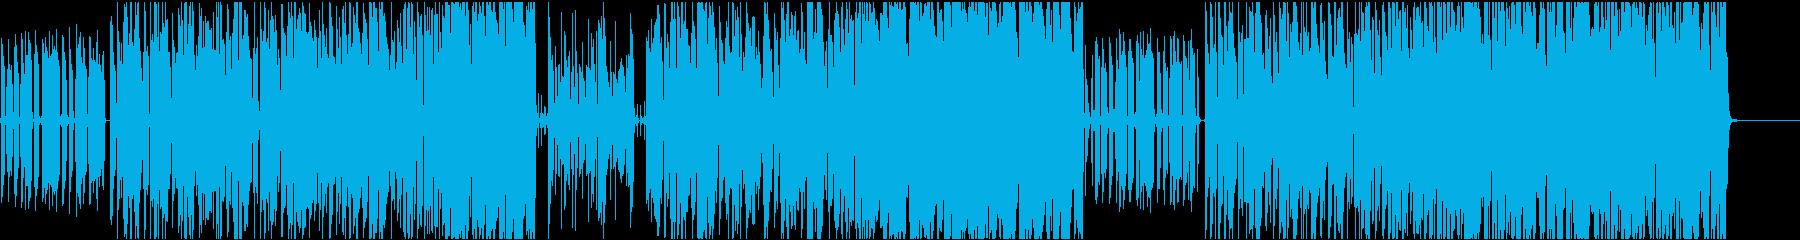 レトロな雰囲気の怪しげなジャズの再生済みの波形